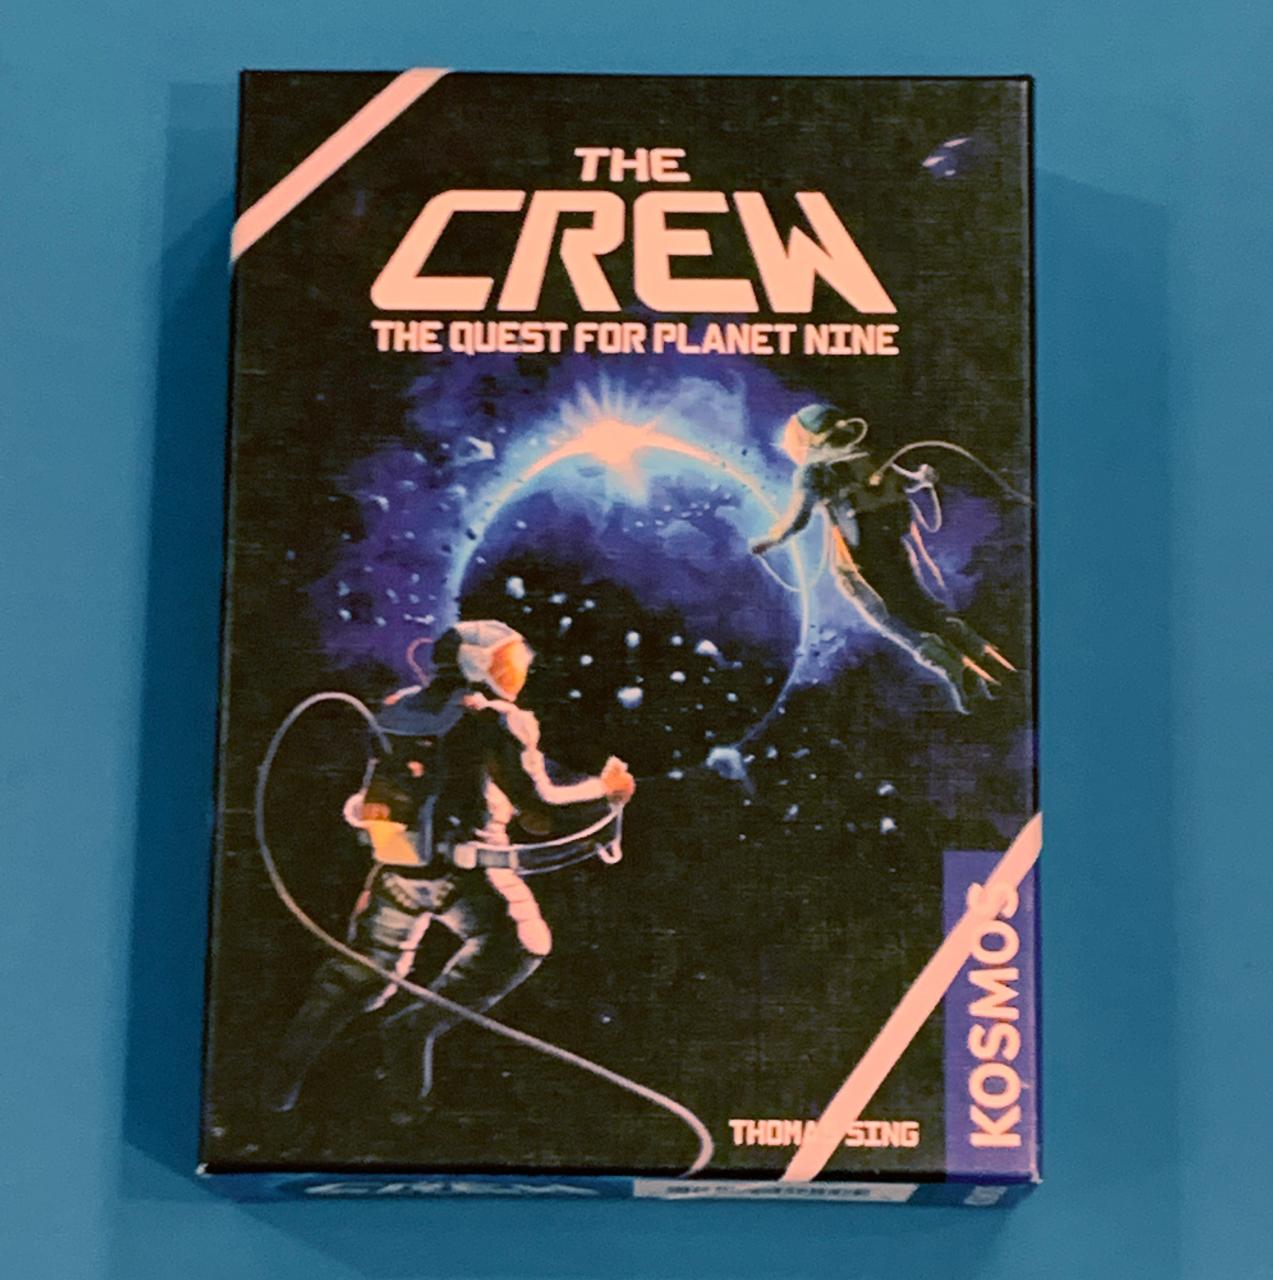 The CREWパッケージ